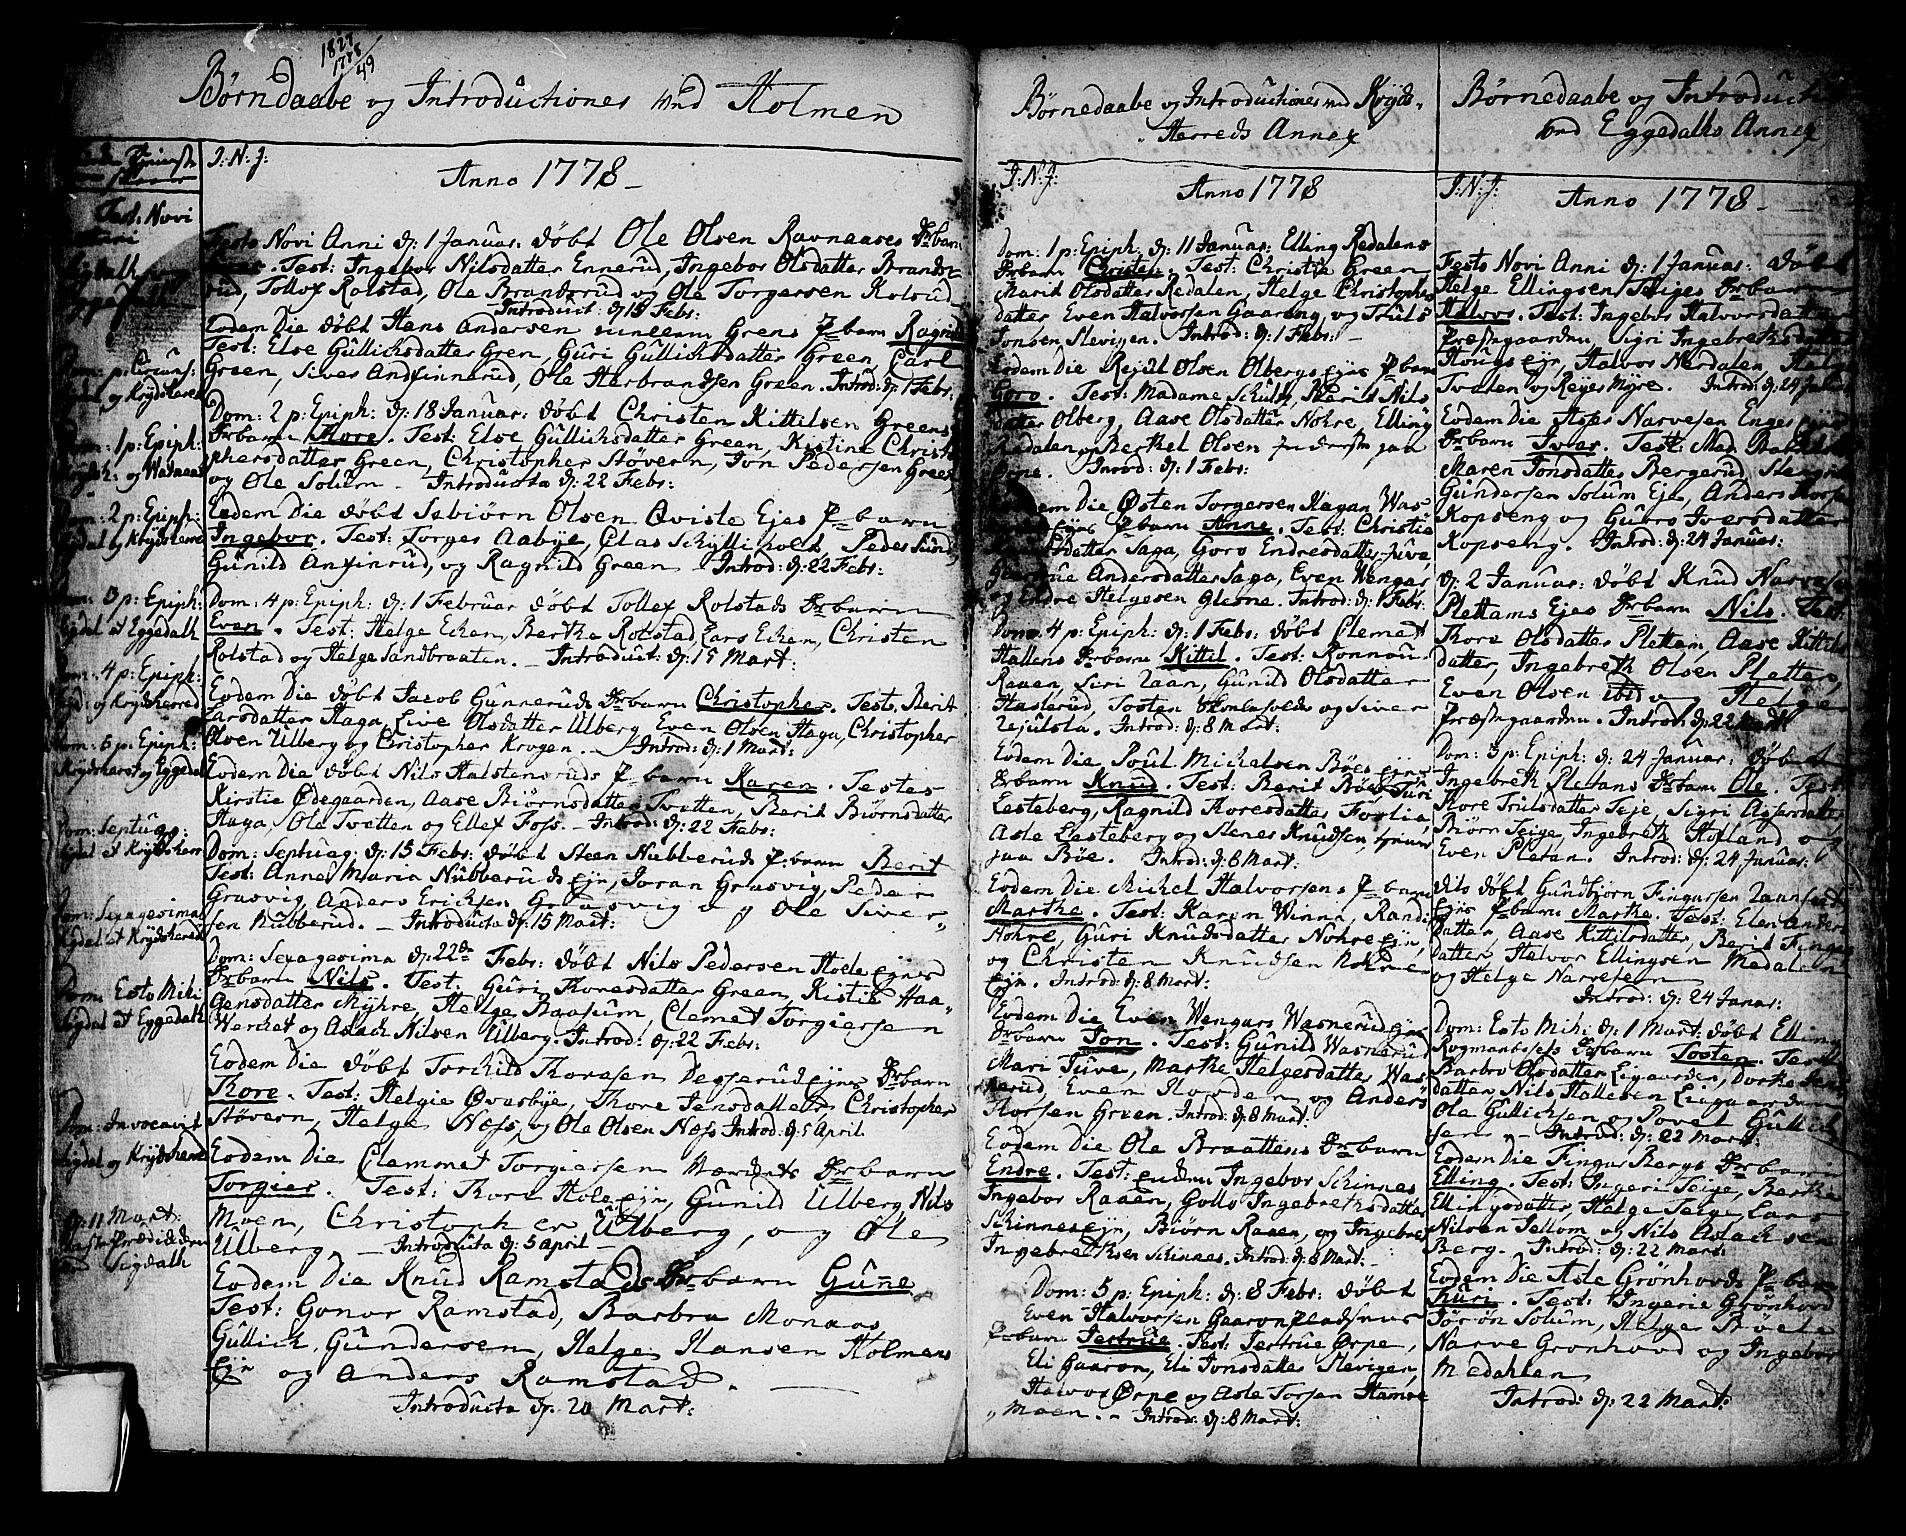 SAKO, Sigdal kirkebøker, F/Fa/L0002: Ministerialbok nr. I 2, 1778-1792, s. 3-4